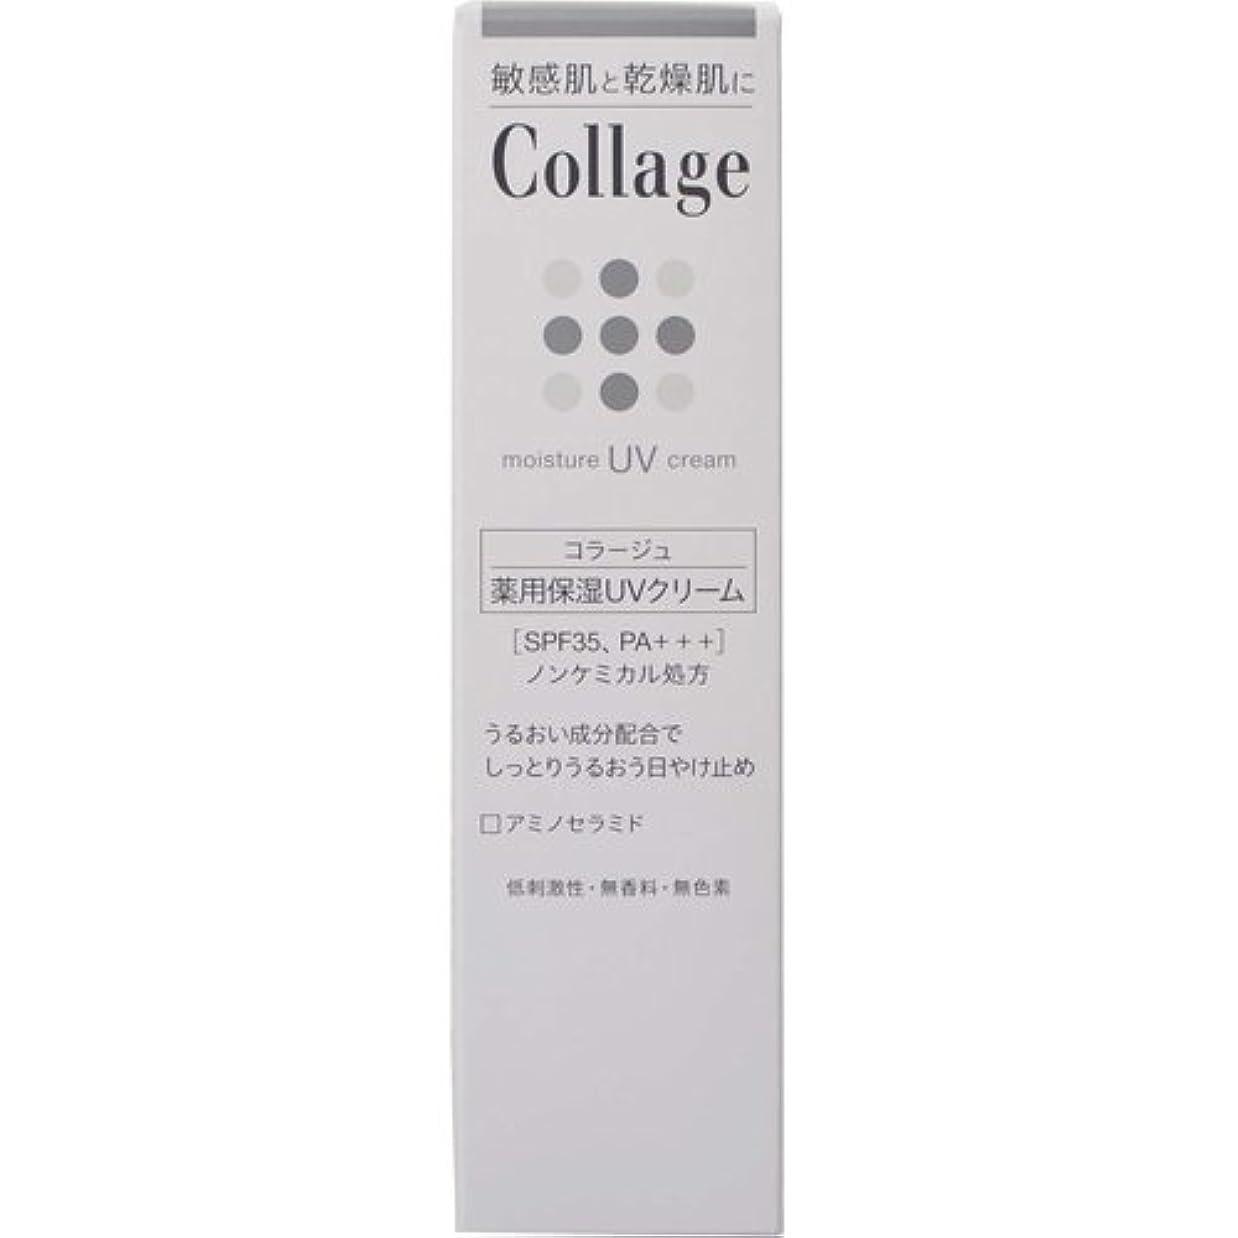 魅力的文言実装するコラージュ 薬用保湿UVクリーム 30g 【医薬部外品】